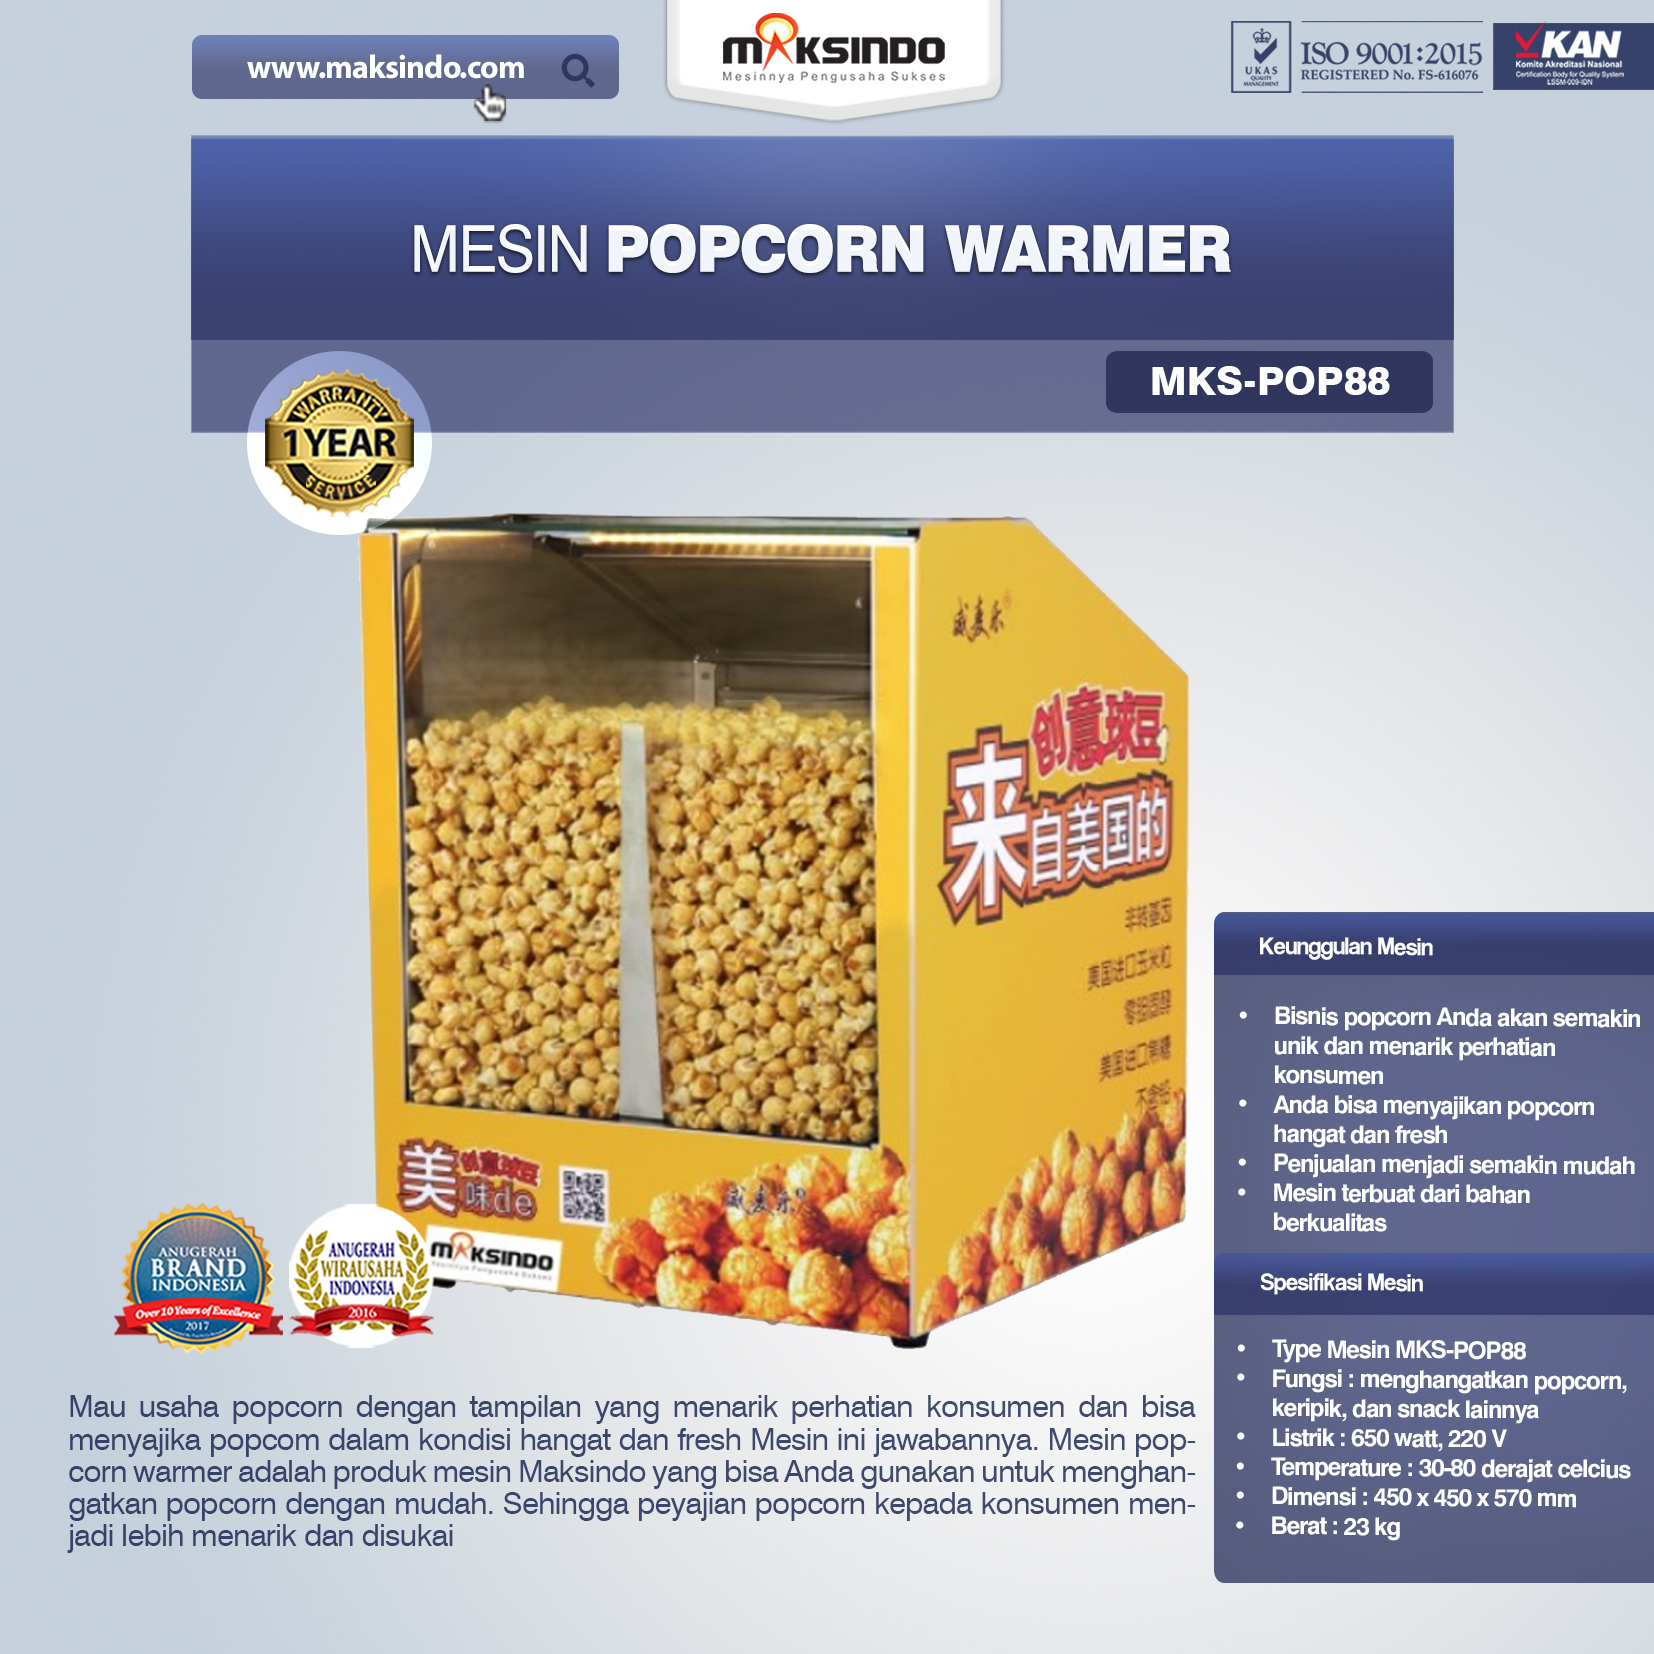 Jual Mesin Popcorn Warmer (POP88) di Mataram